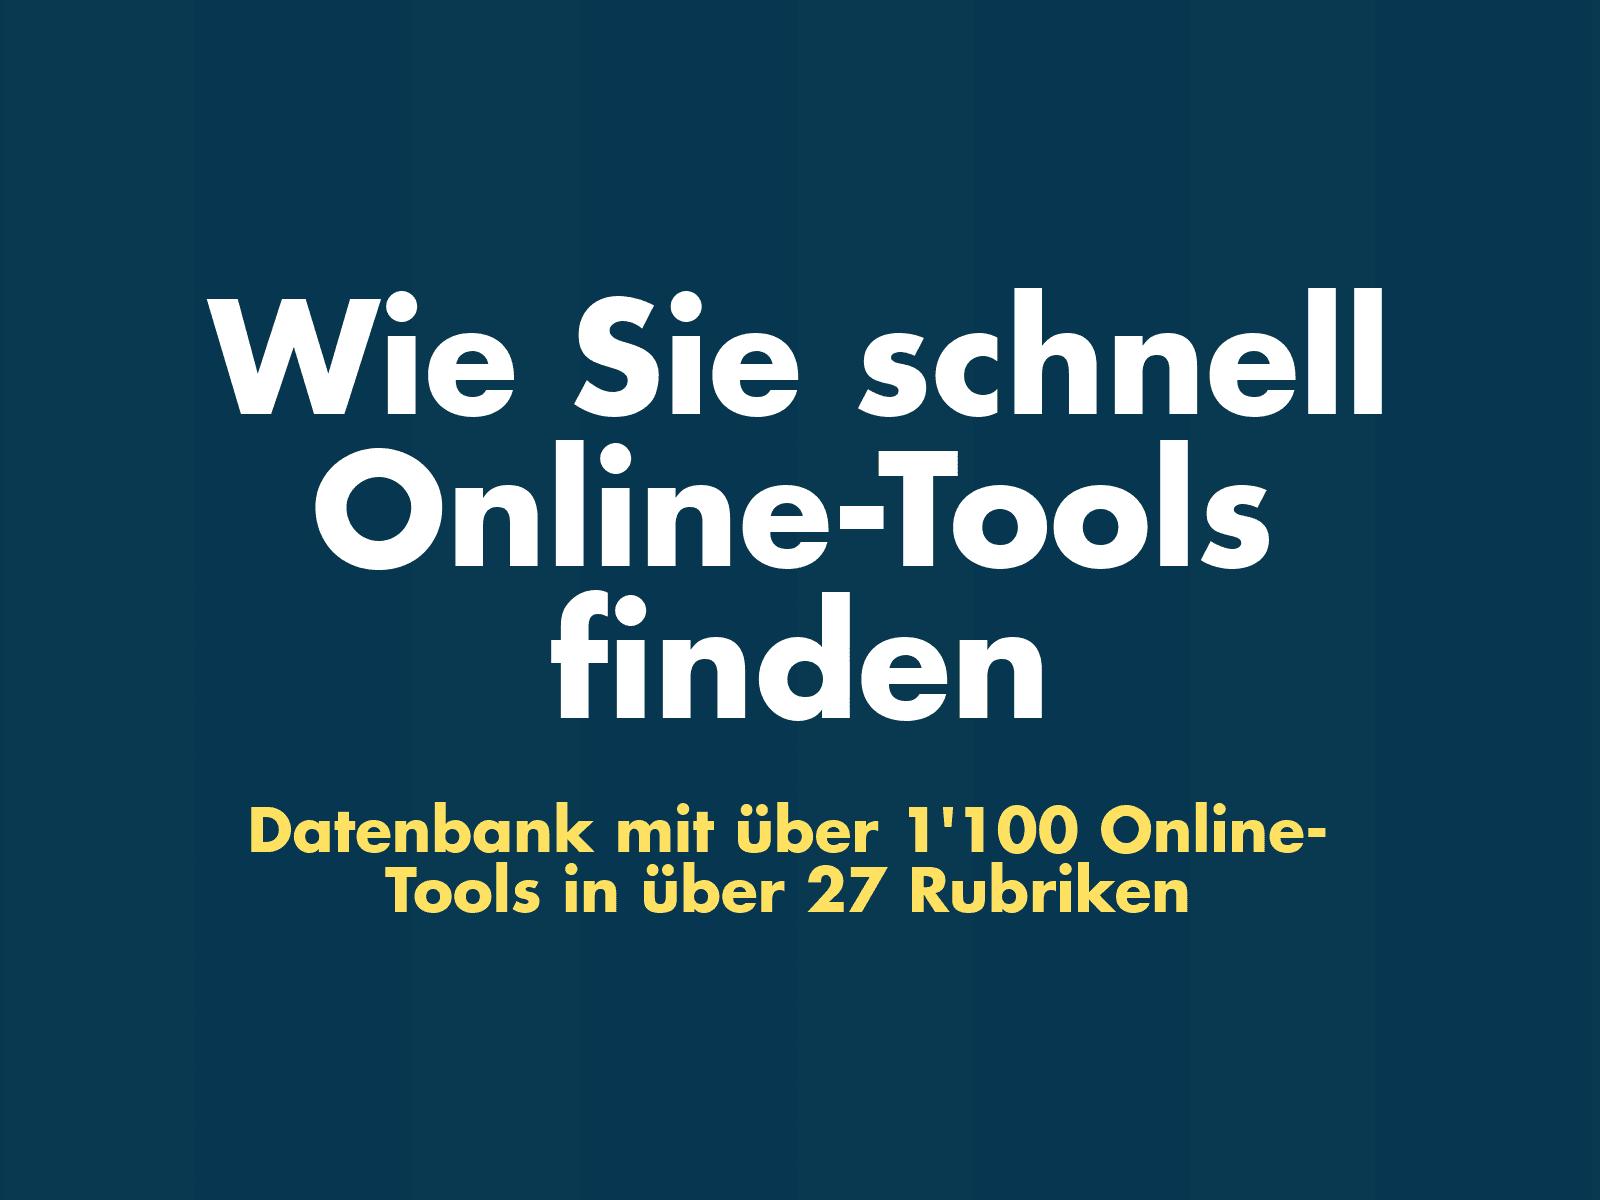 Online-Tools Datenbank